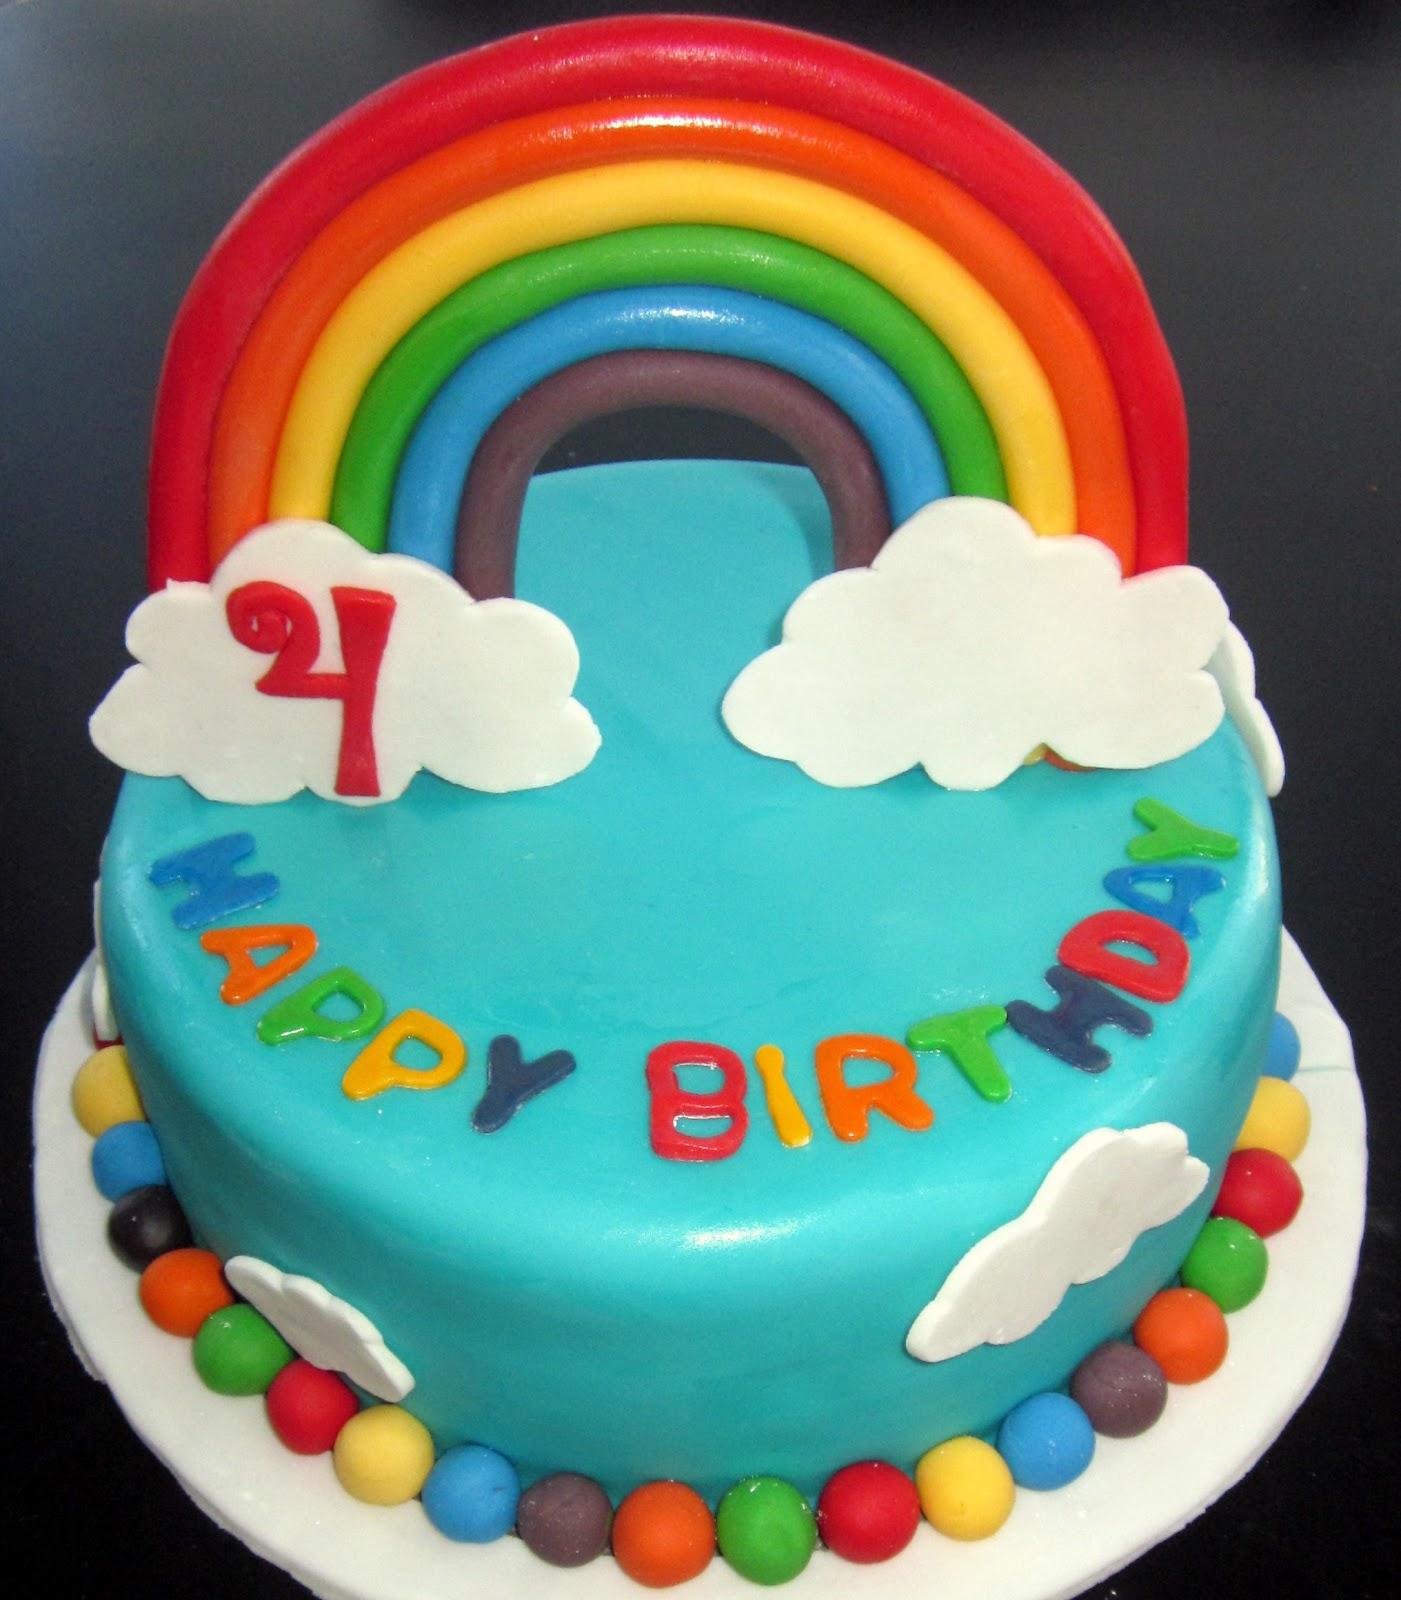 Darlin Designs Rainbow Birthday Cake